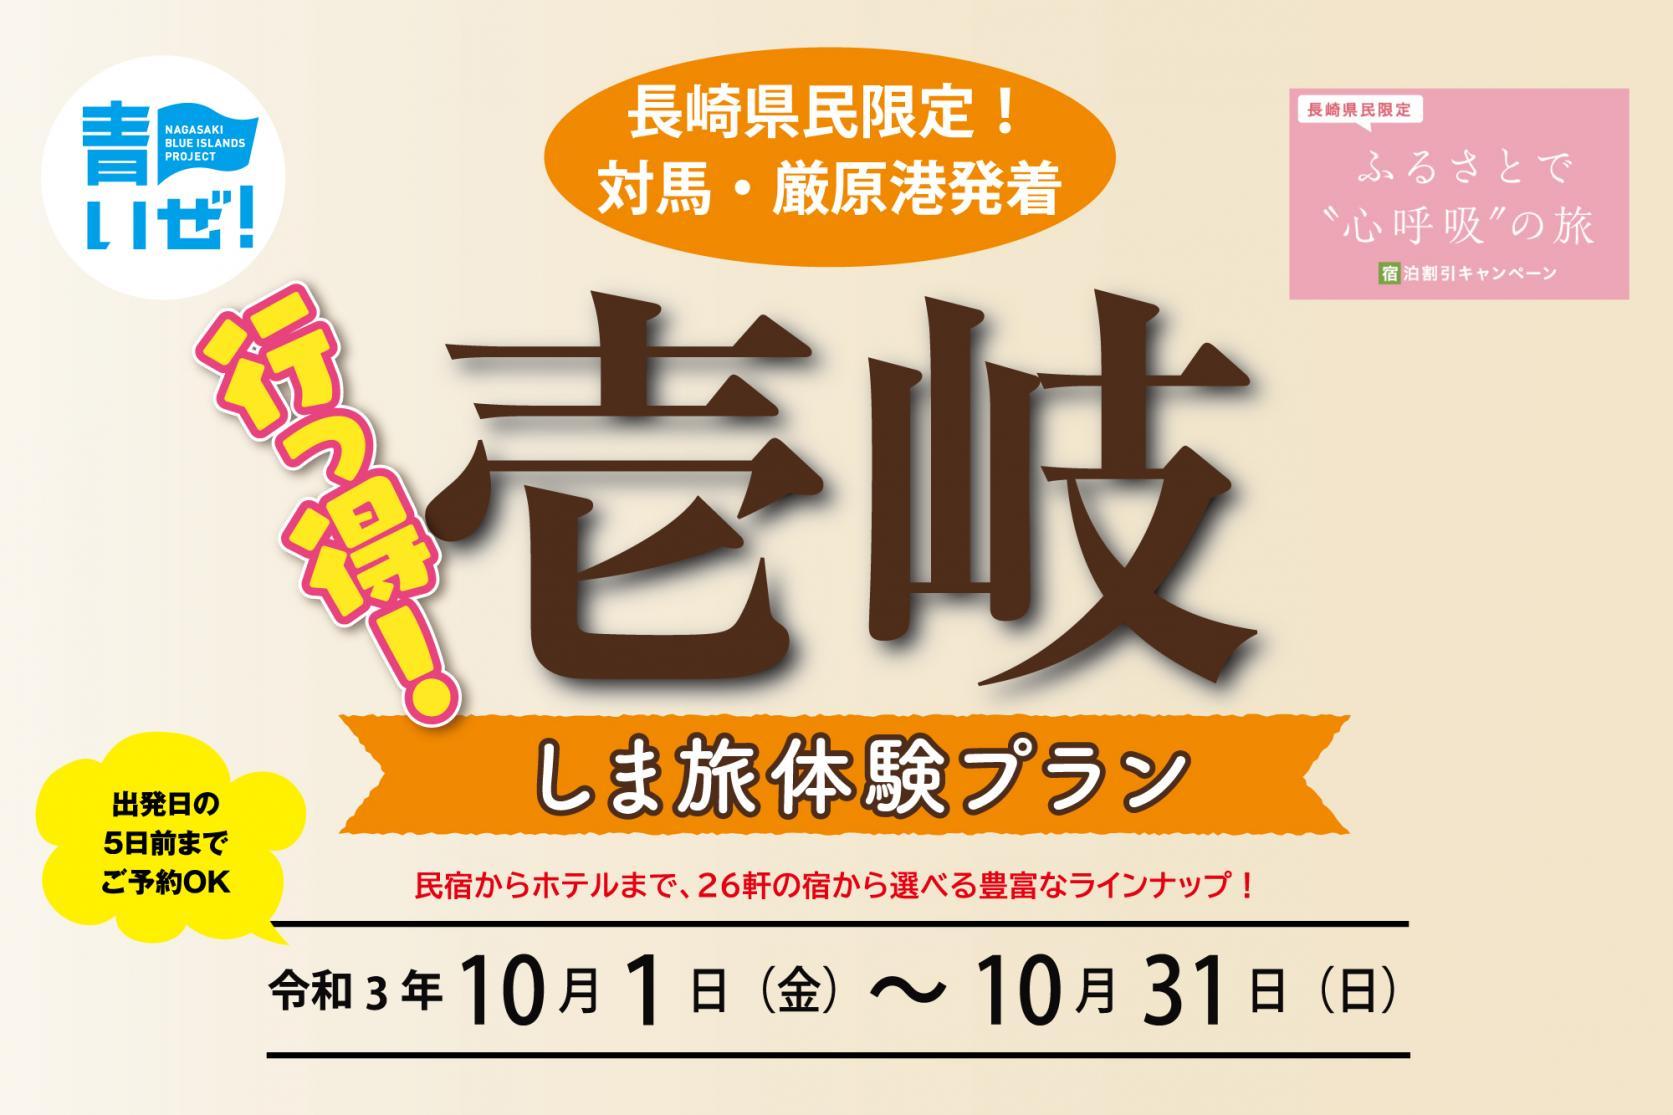 長崎県民限定 対馬発着「壱岐 しま旅体験プラン」-0